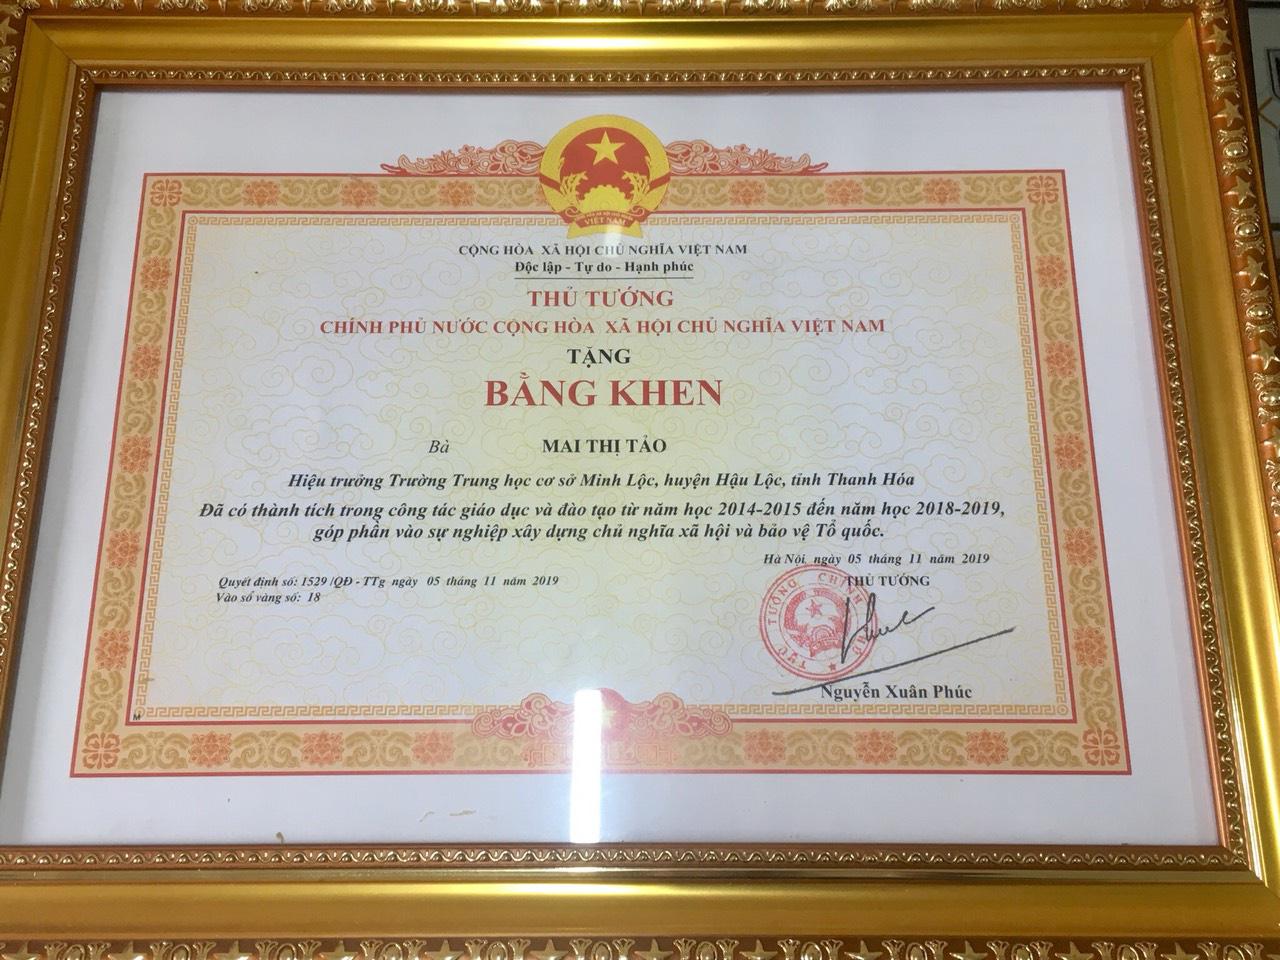 Trường THCS Minh Lộc: Xứng đáng với niềm kỳ vọng - Ảnh 4.